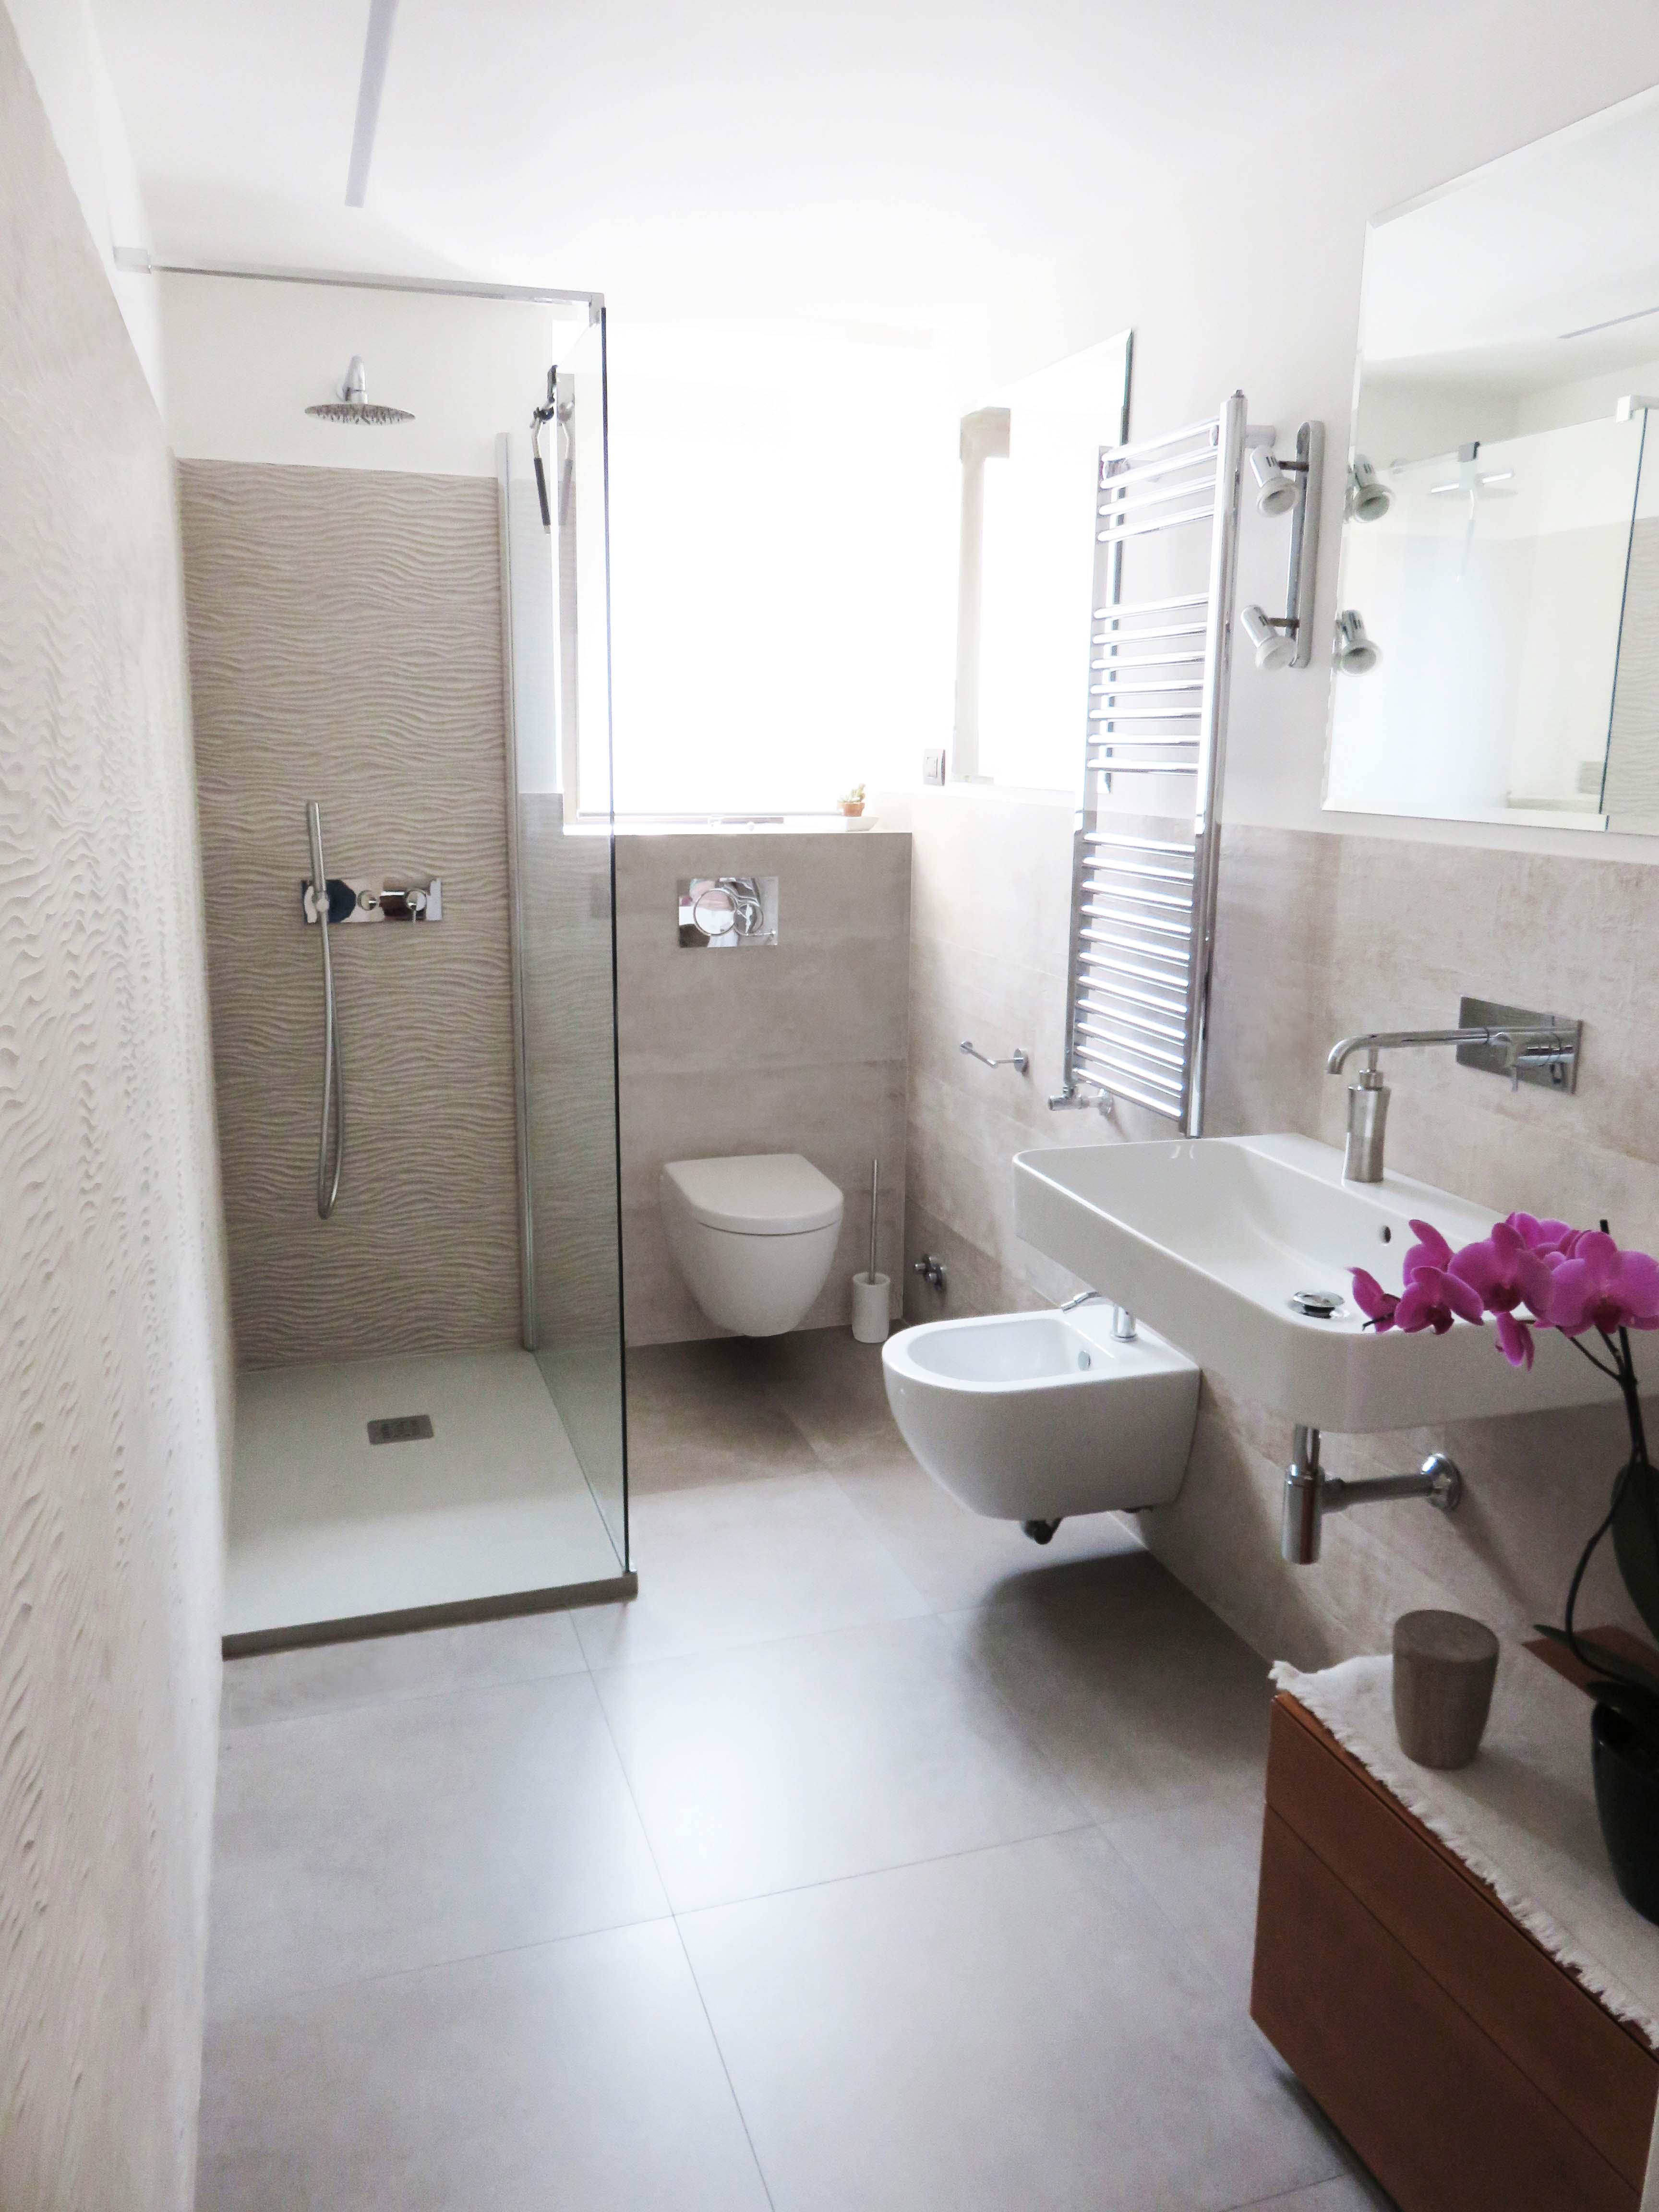 Ristrutturazione bagno e cucina a roma inartdesign - Ristrutturazione bagno e cucina ...